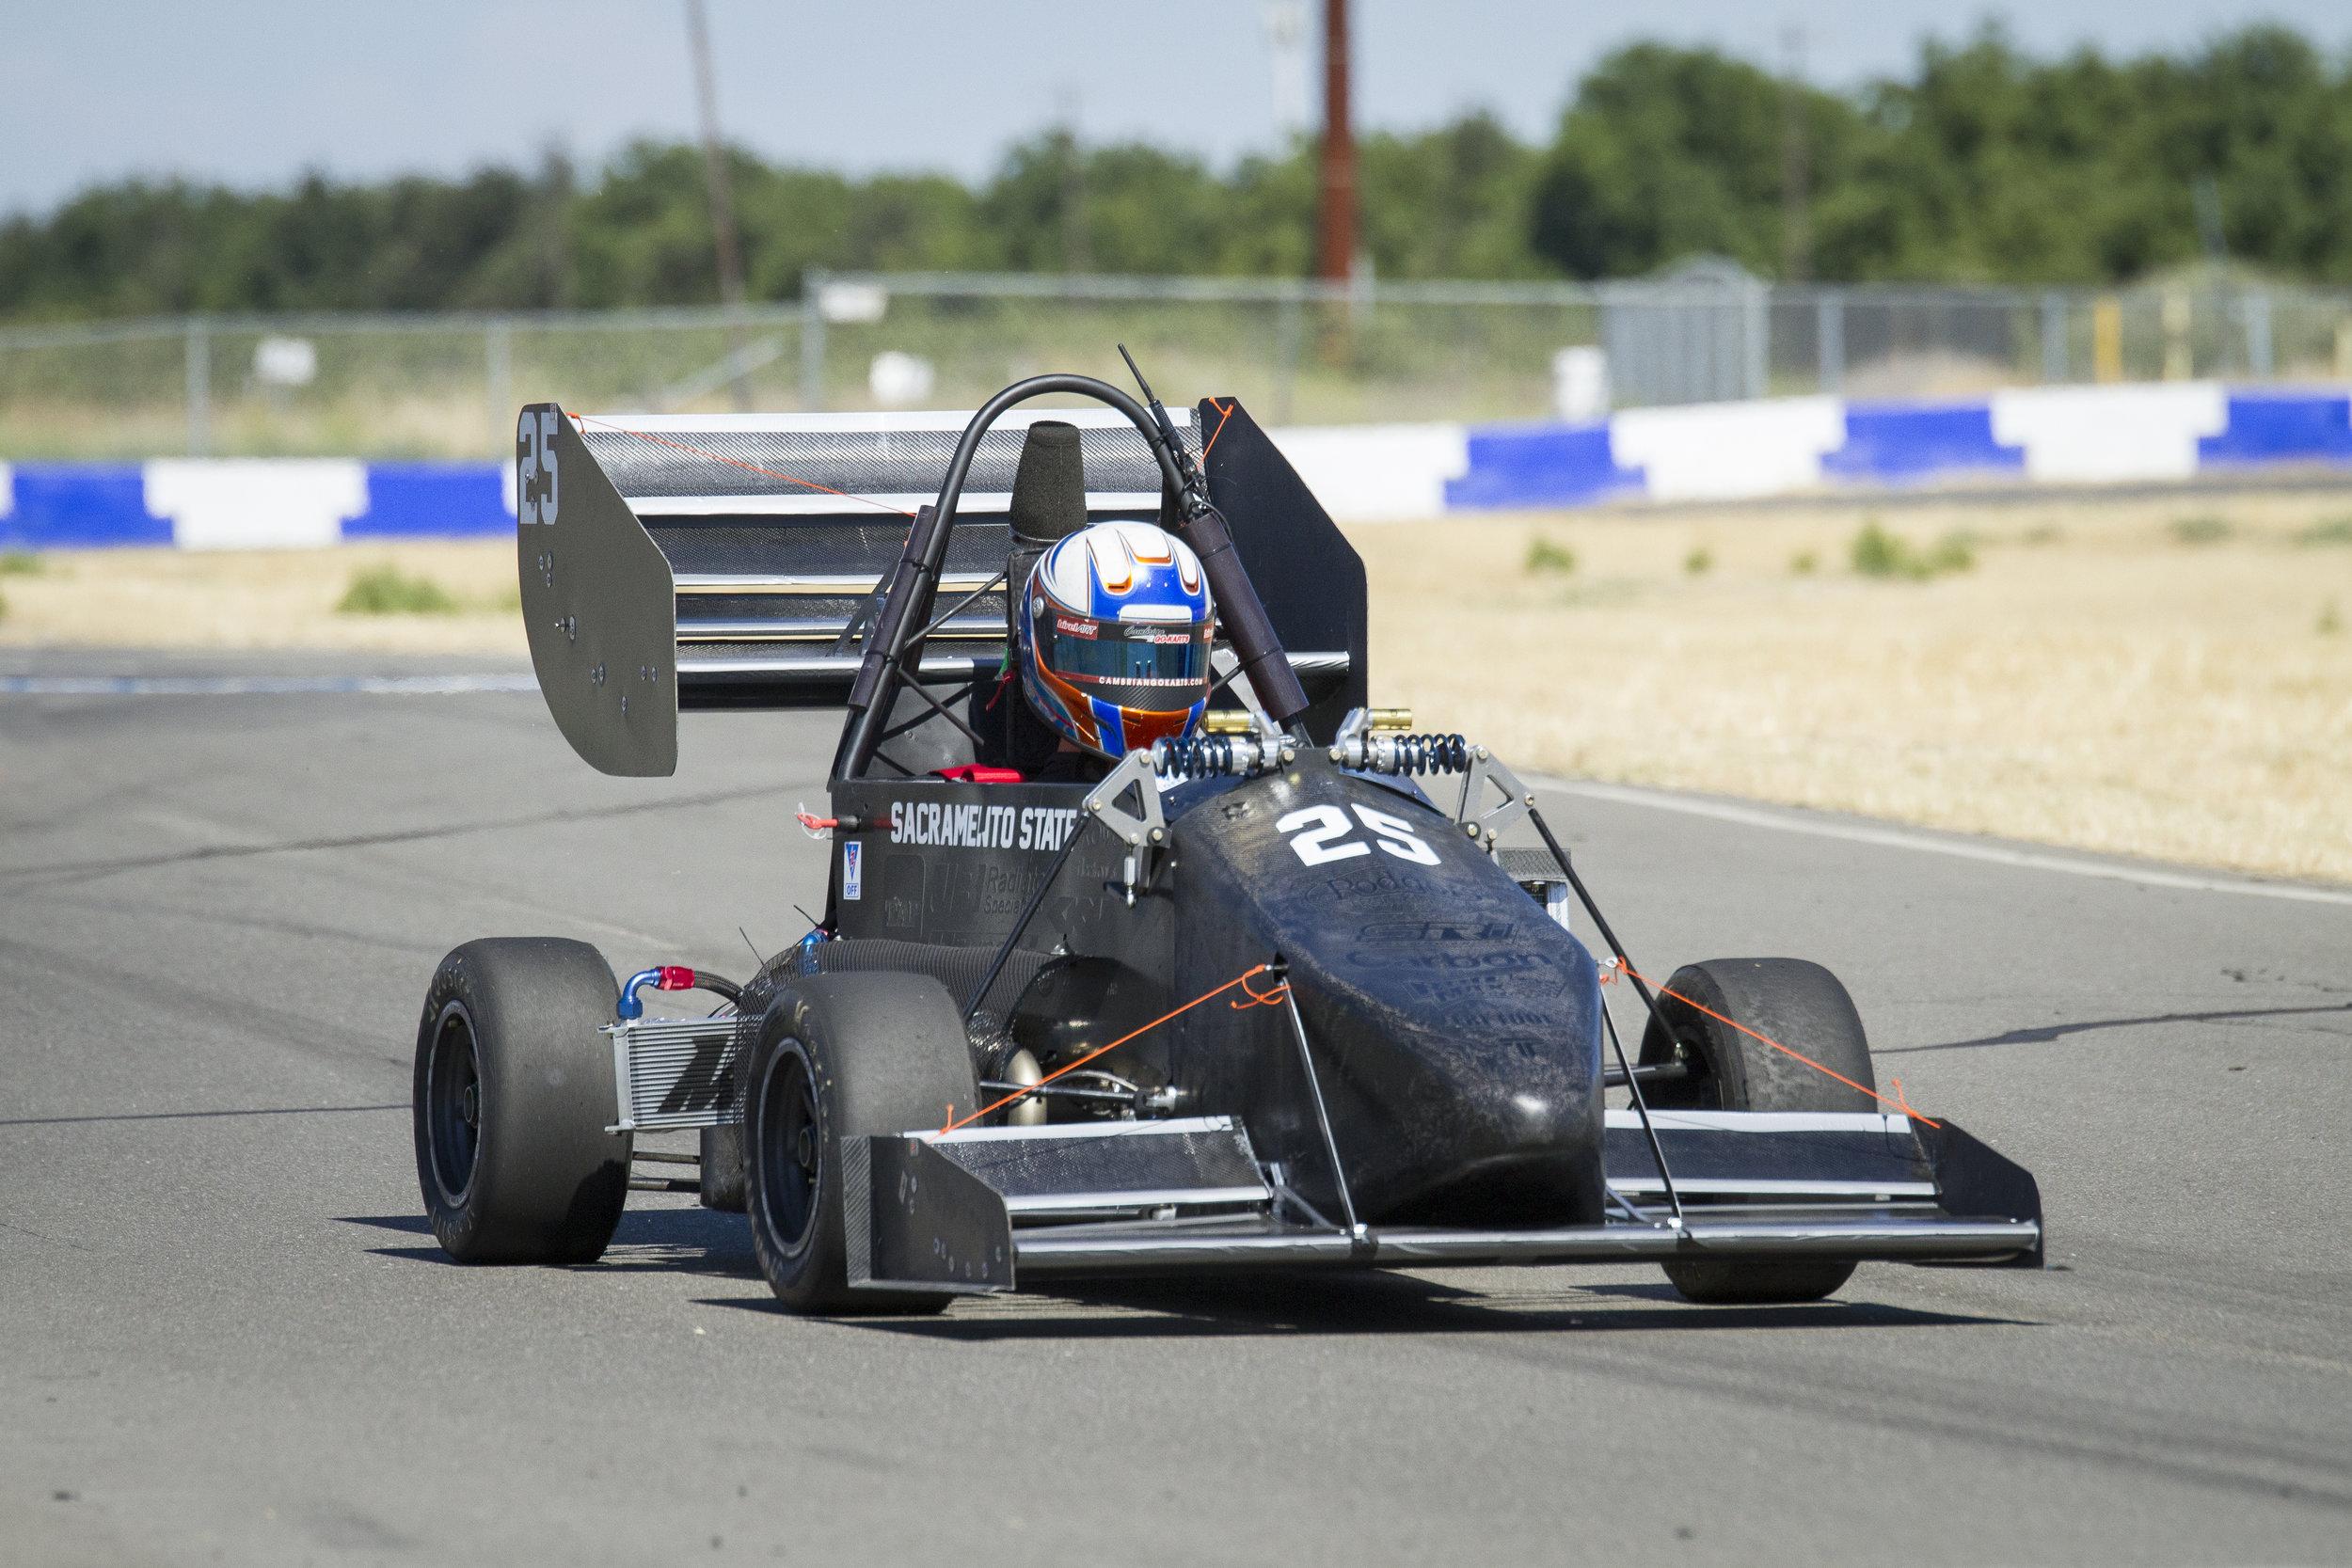 Hornet Racing